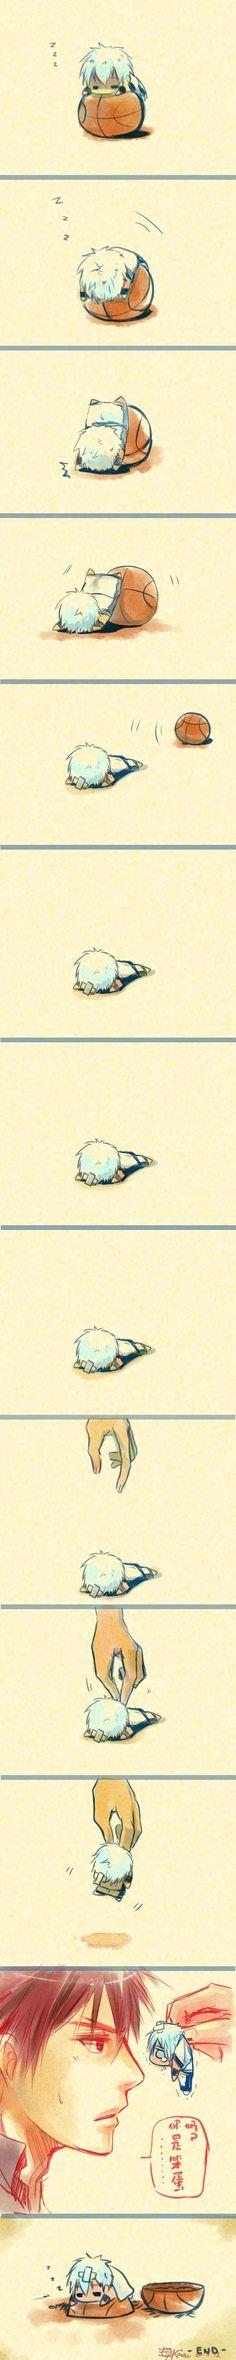 Mini Kuroko Tetsuya - Kuroko no Basuke | Chibi | Kagami Taiga | Basket | Mini Doujinshi: